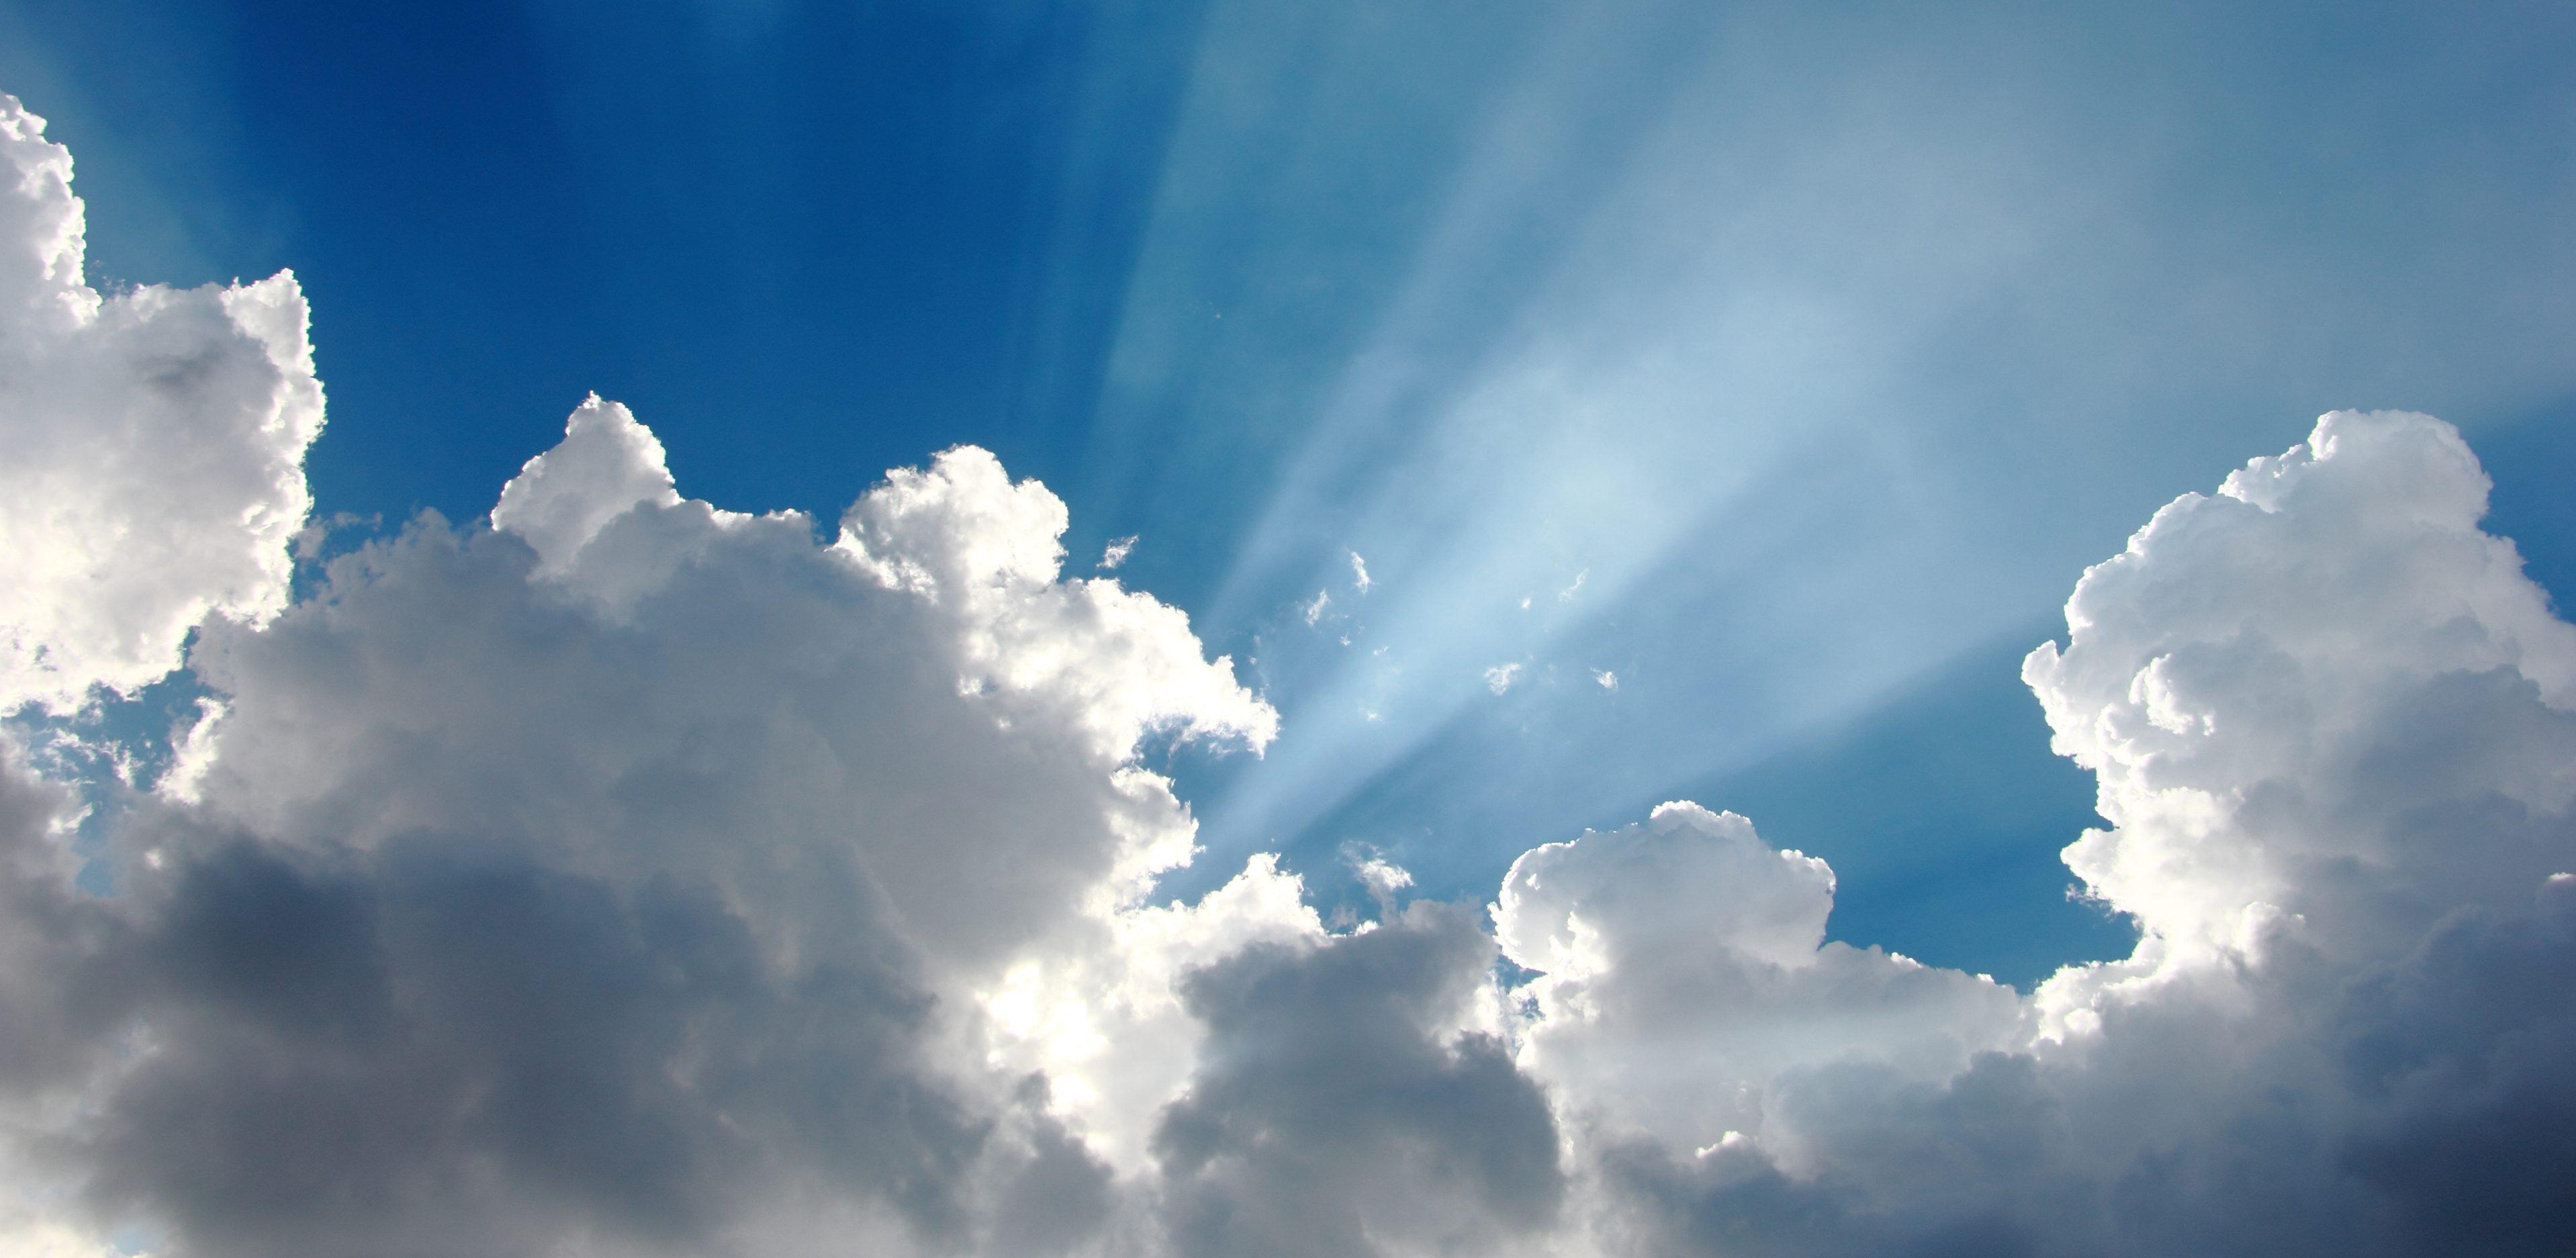 Hình ảnh mây trời che ánh nắng